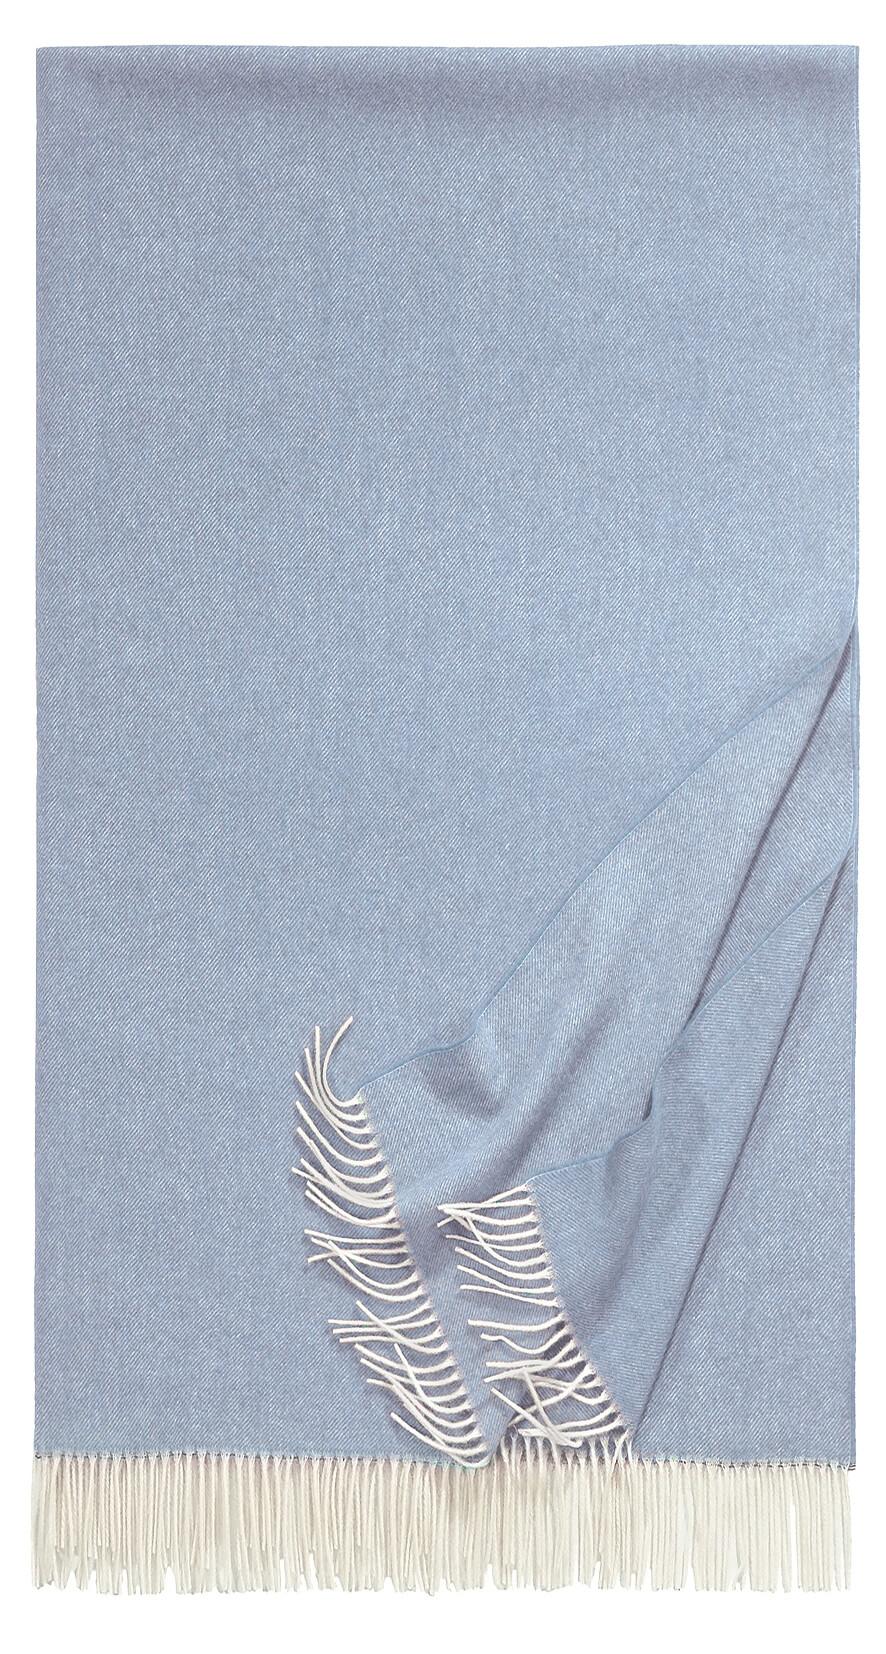 Bild von 012-0045-196, Variante jeans